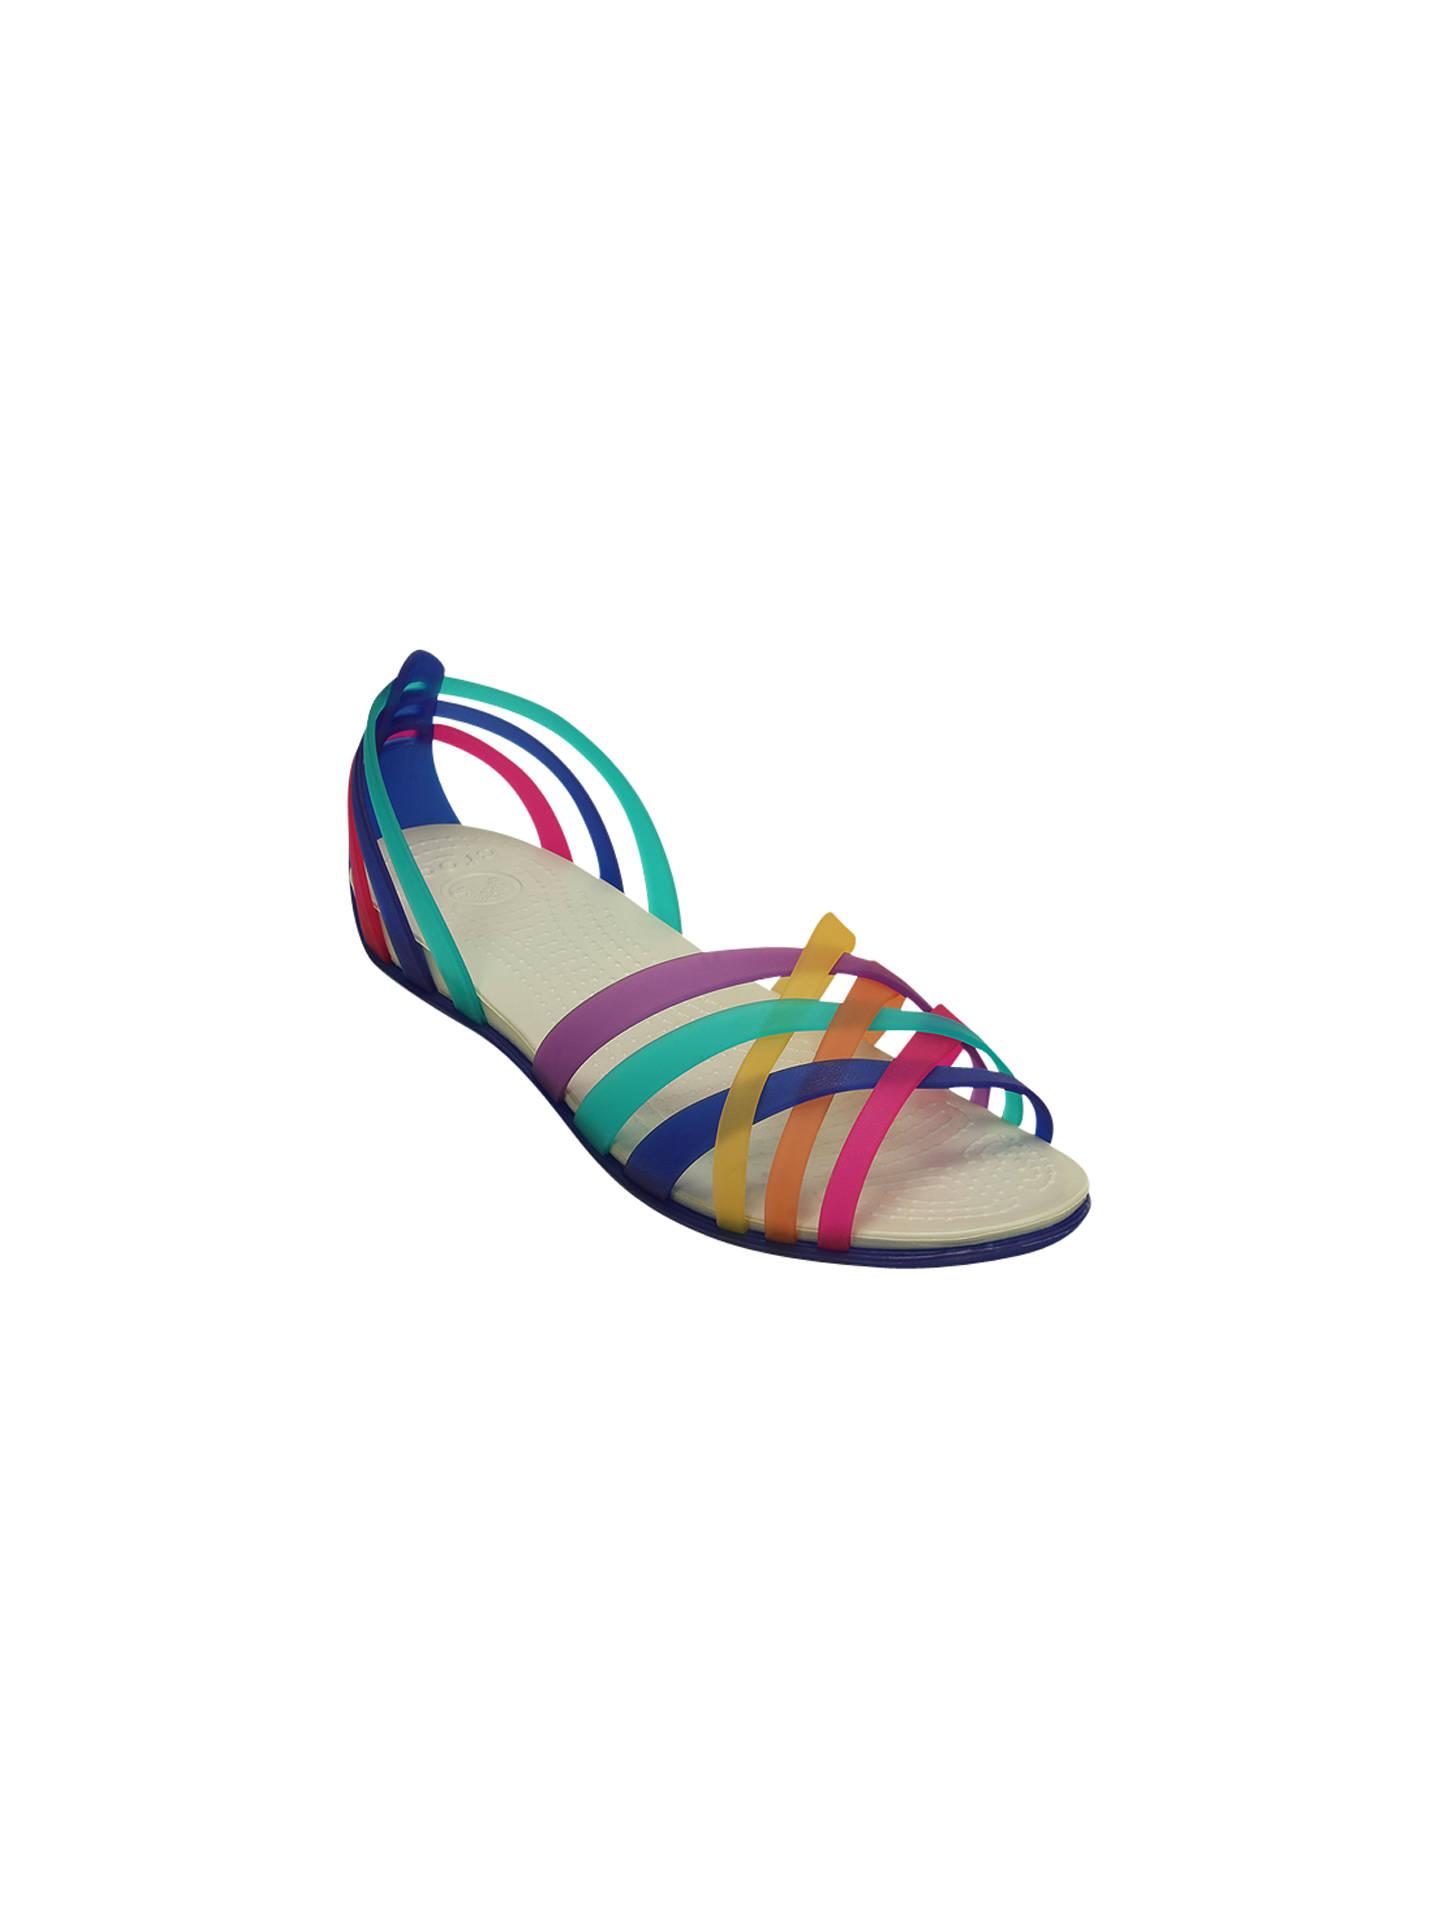 f8f036e5060 Buy Crocs Huarache Flat Cross Band Sandals